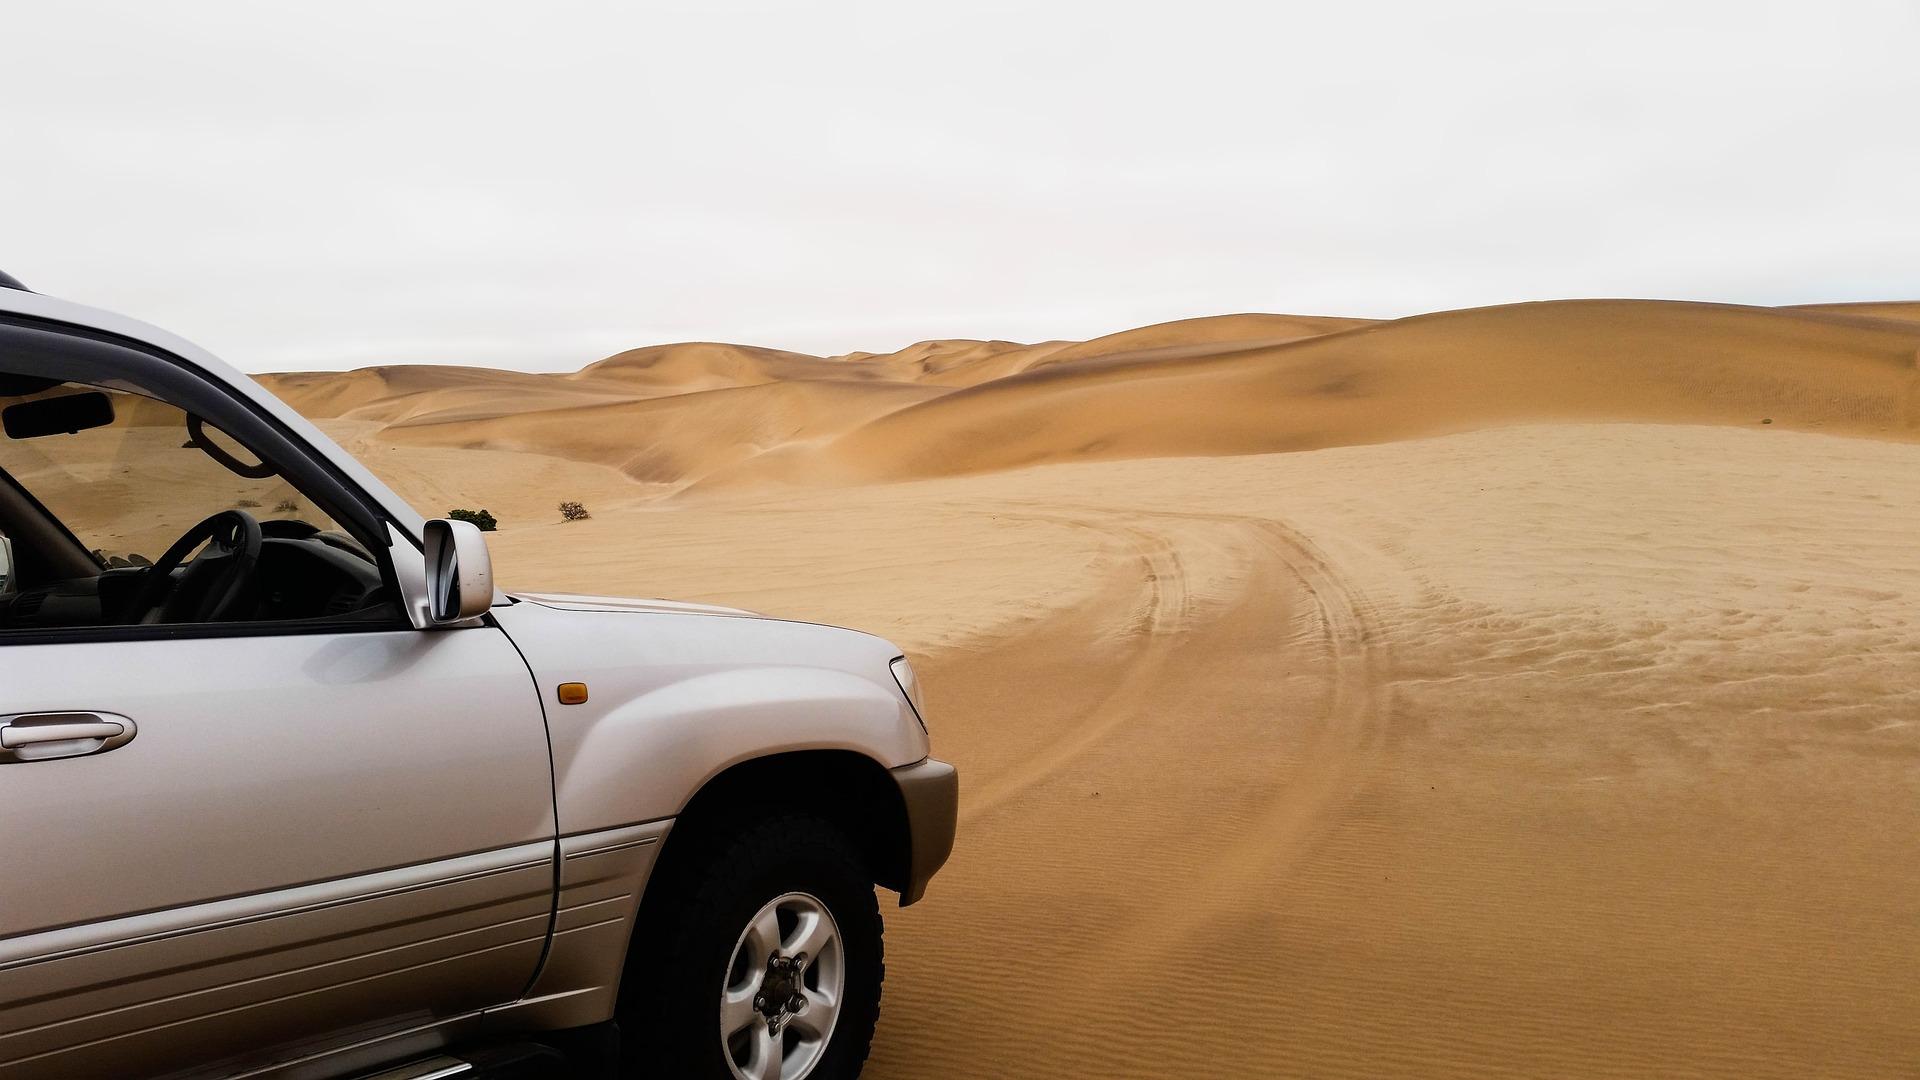 ein Auto im der Wüste